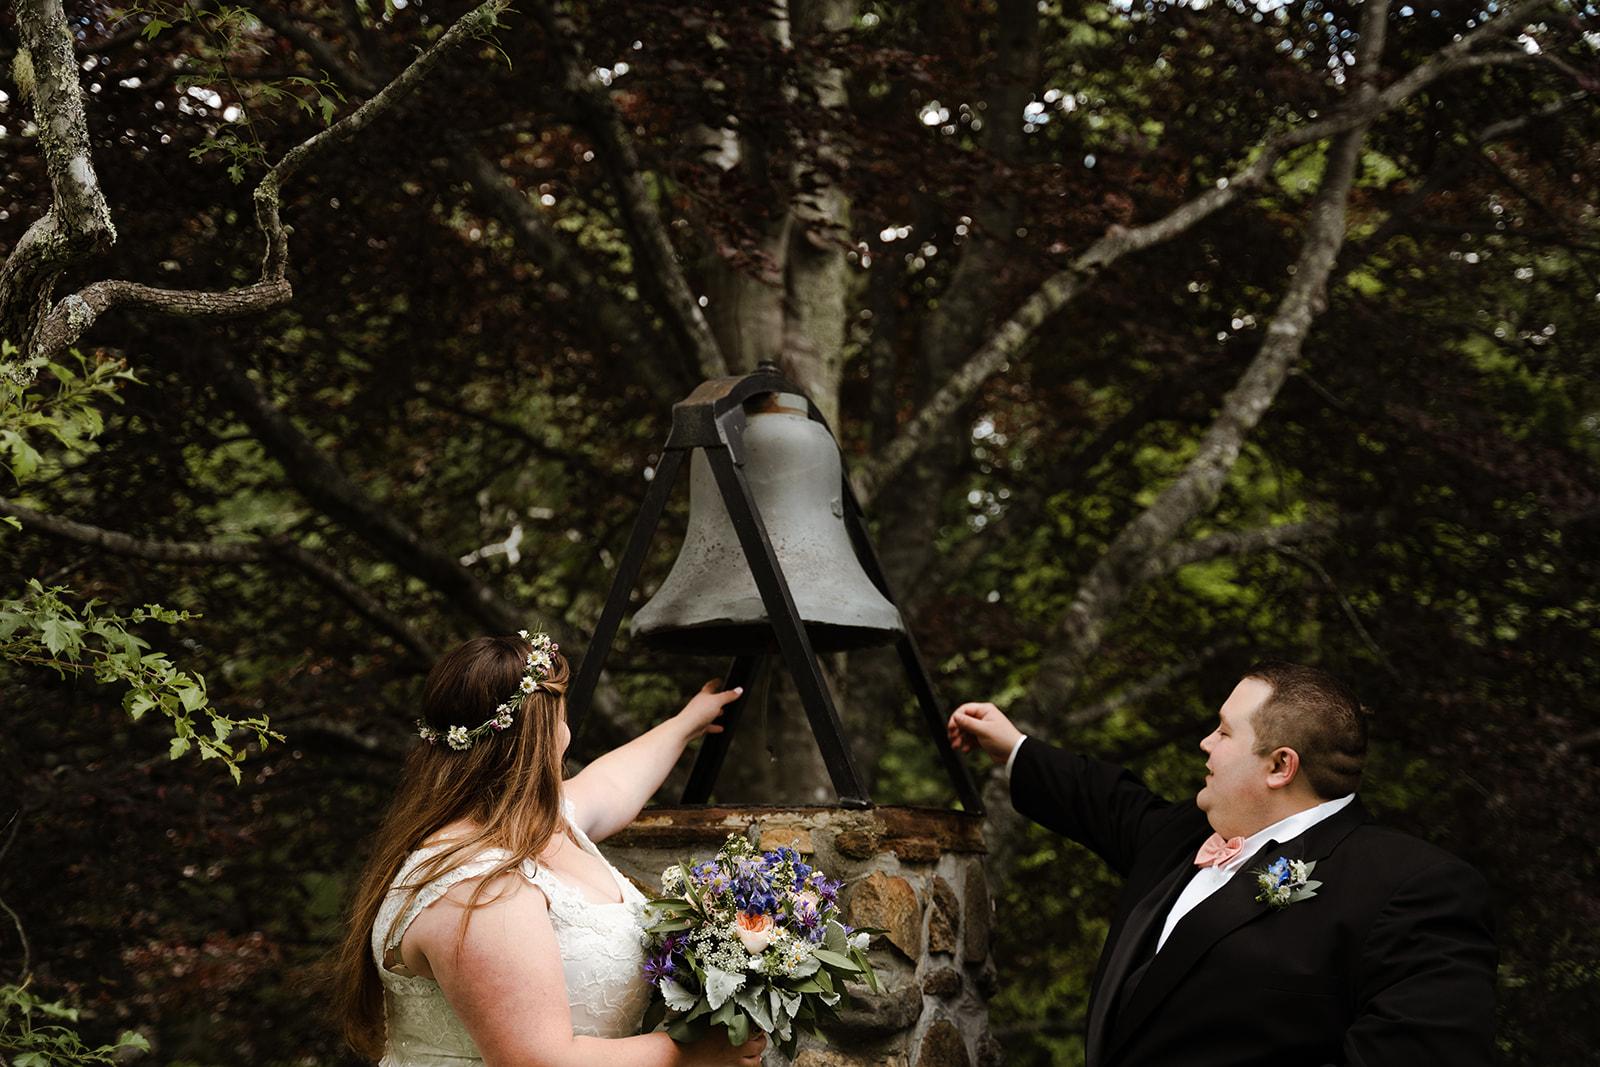 coastal wedding plus size couple rockland maine vesper hill childrens chapel 42